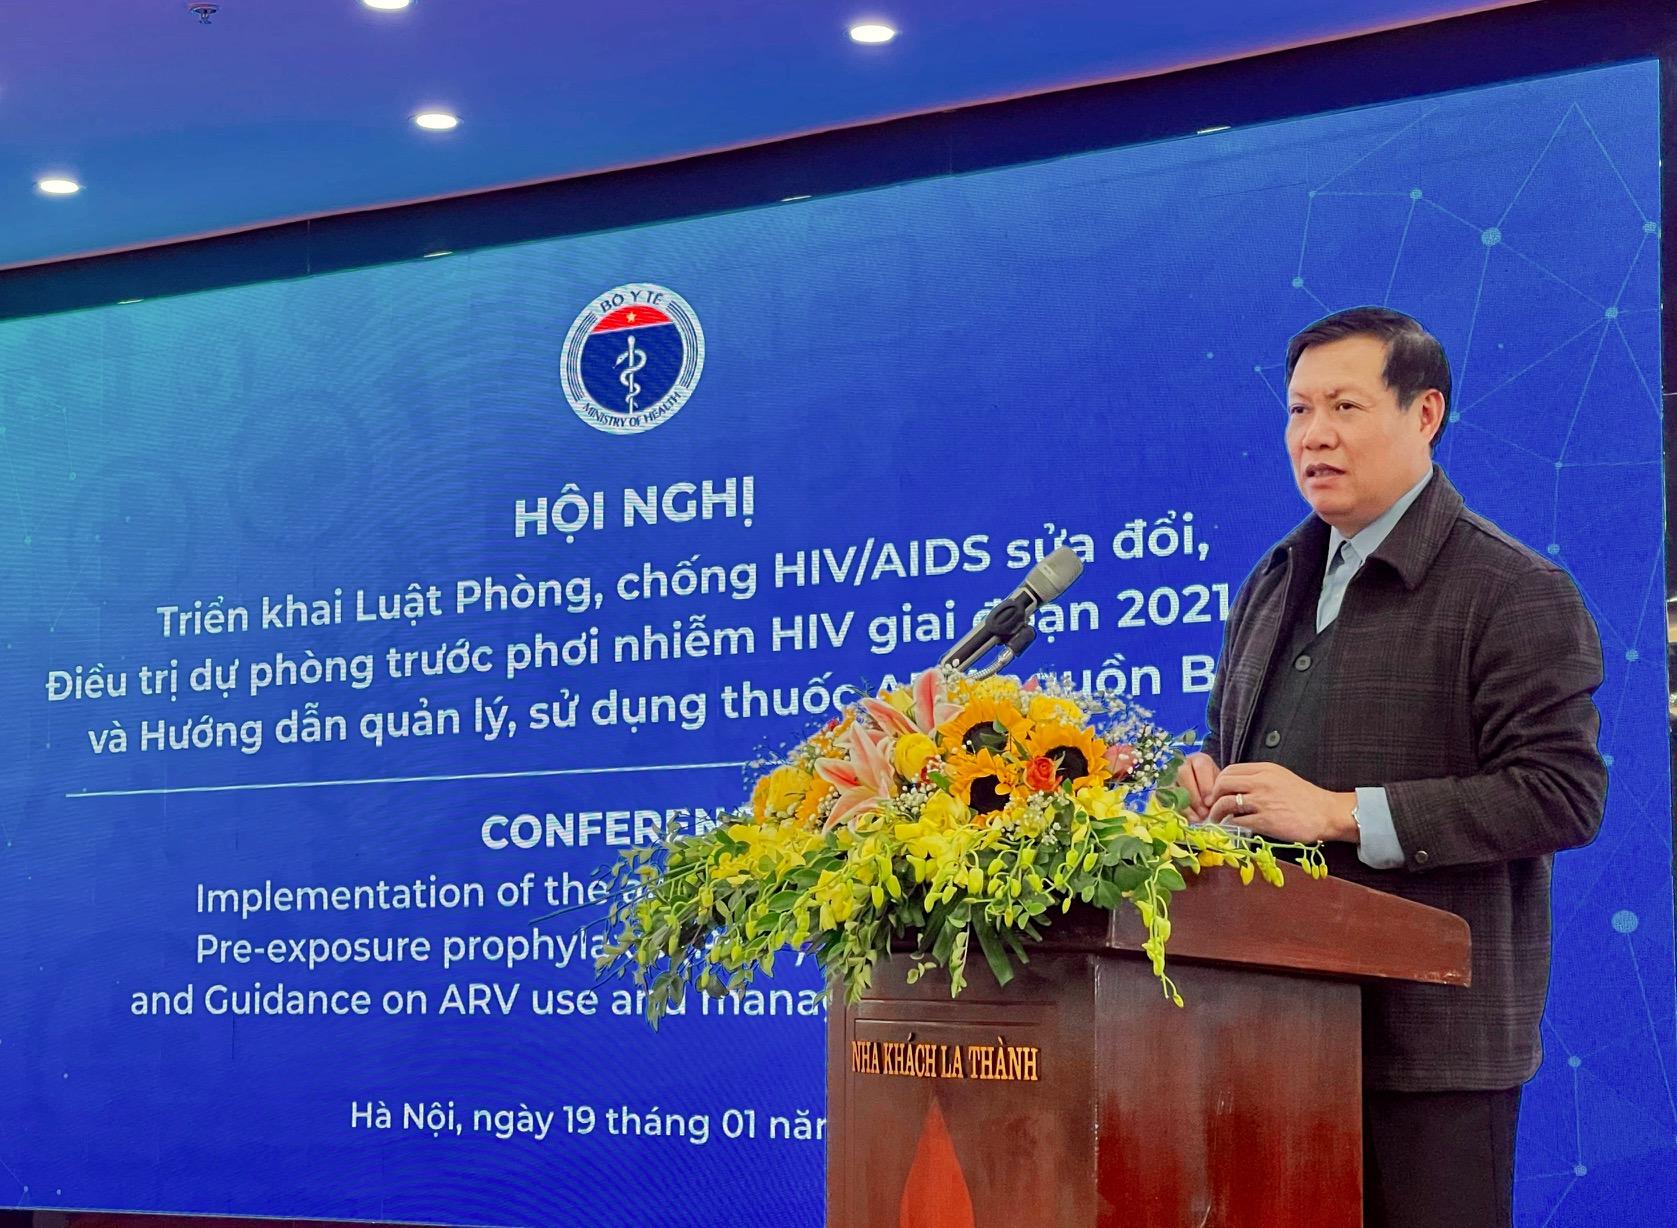 Việt Nam dẫn đầu trong cung cấp các dịch vụ điều trị HIV chất lượng